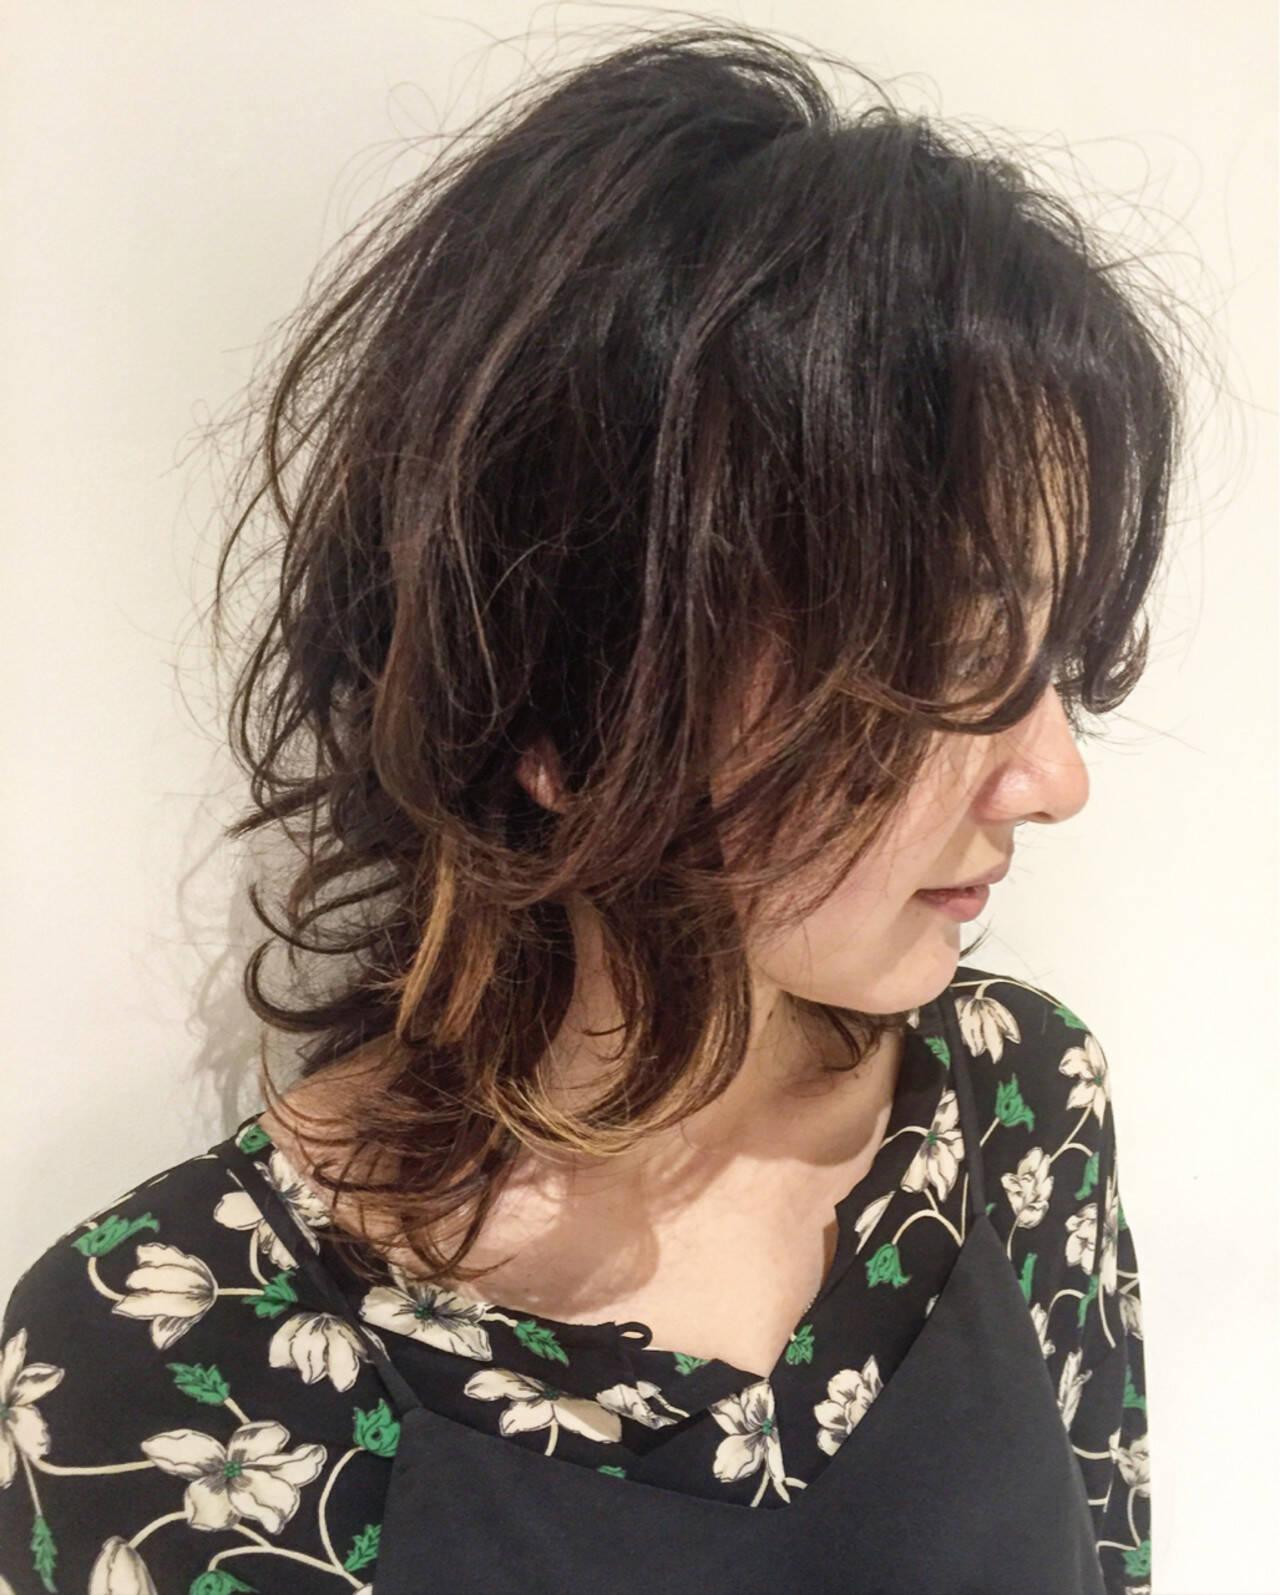 グラデーションカラー パーマ セミロング 外国人風カラーヘアスタイルや髪型の写真・画像